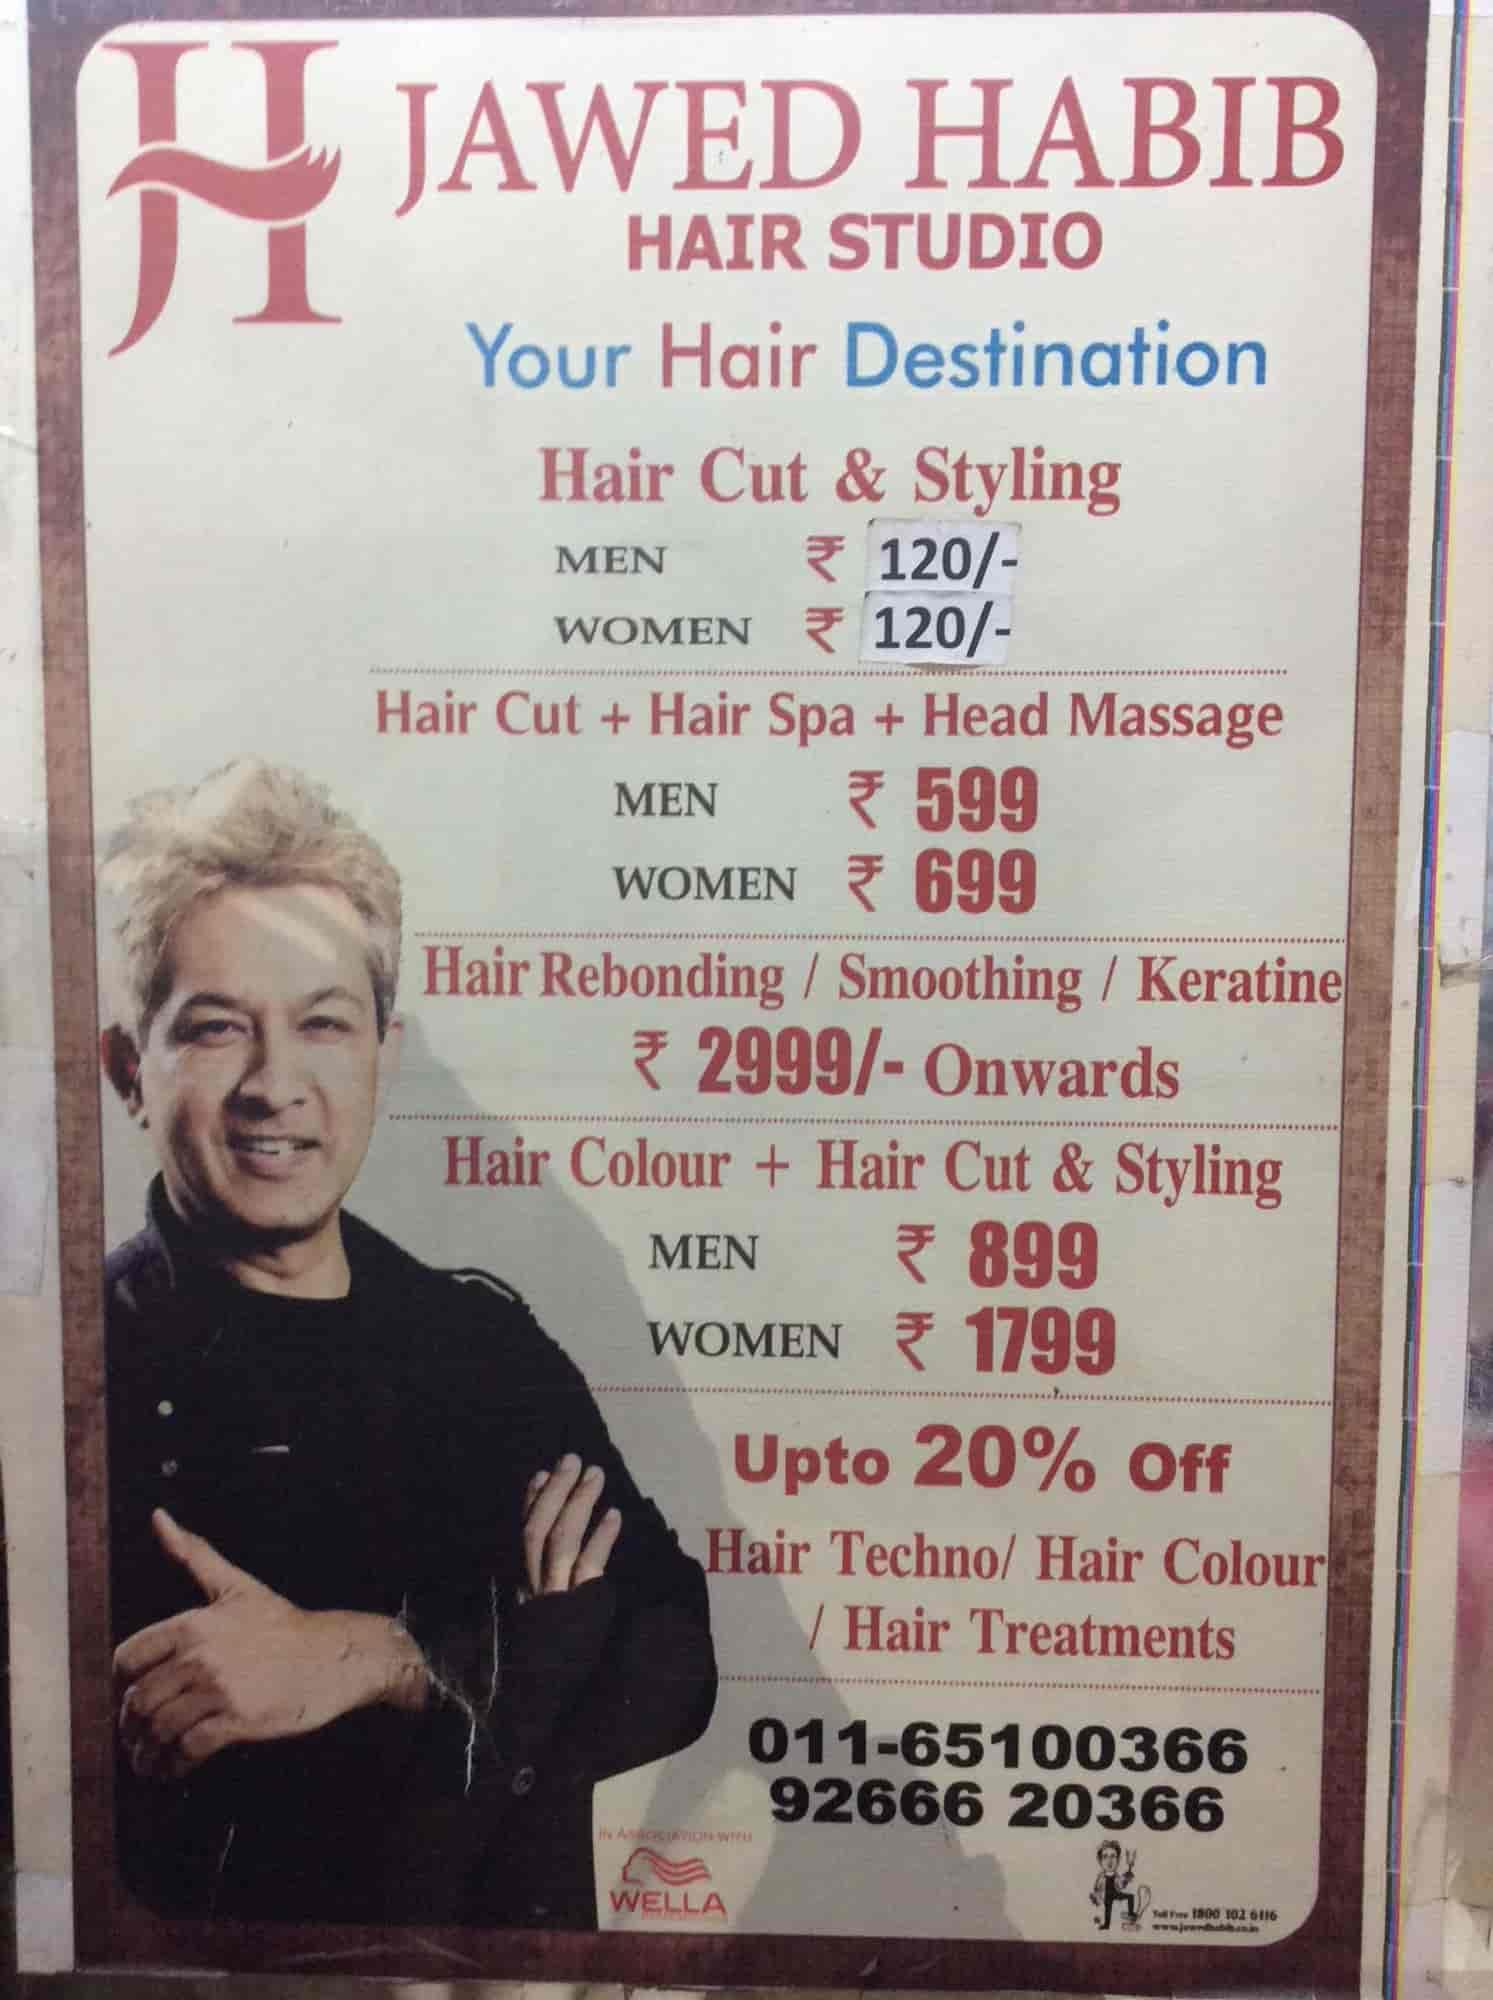 Jawed Habib Hair Studio Laxmi Nagar Javed Habib Hair Studio